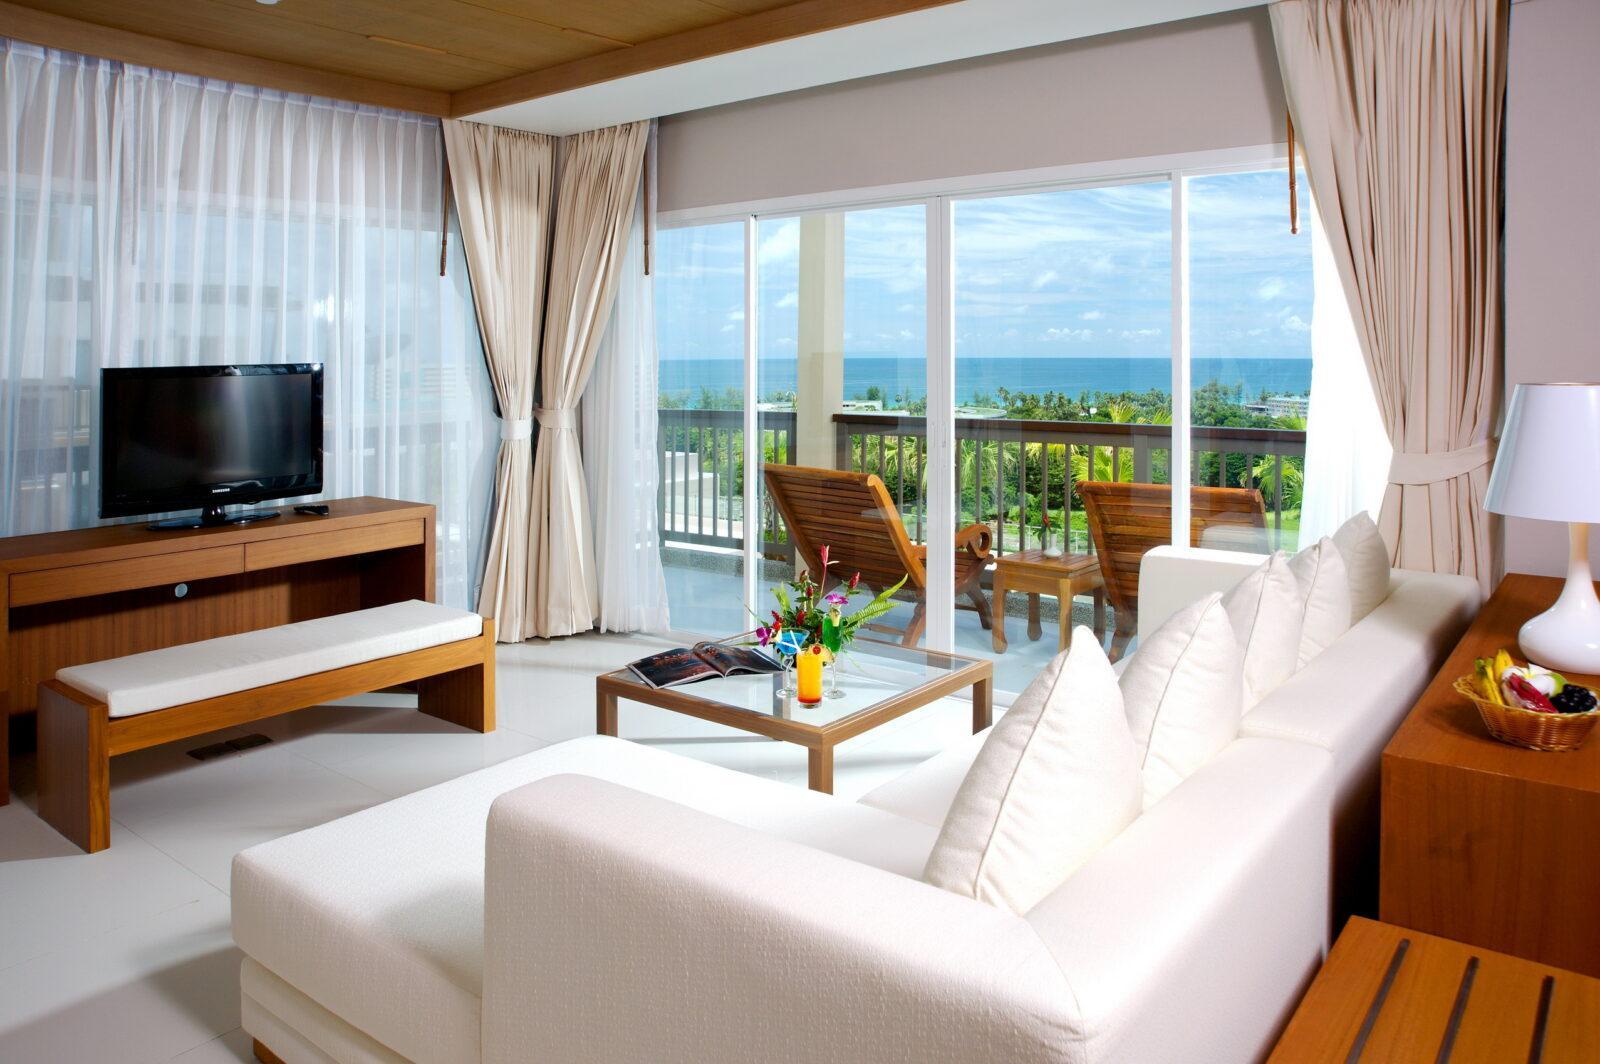 Отель Princess Seaview Resort Spa 4* на Пхукете